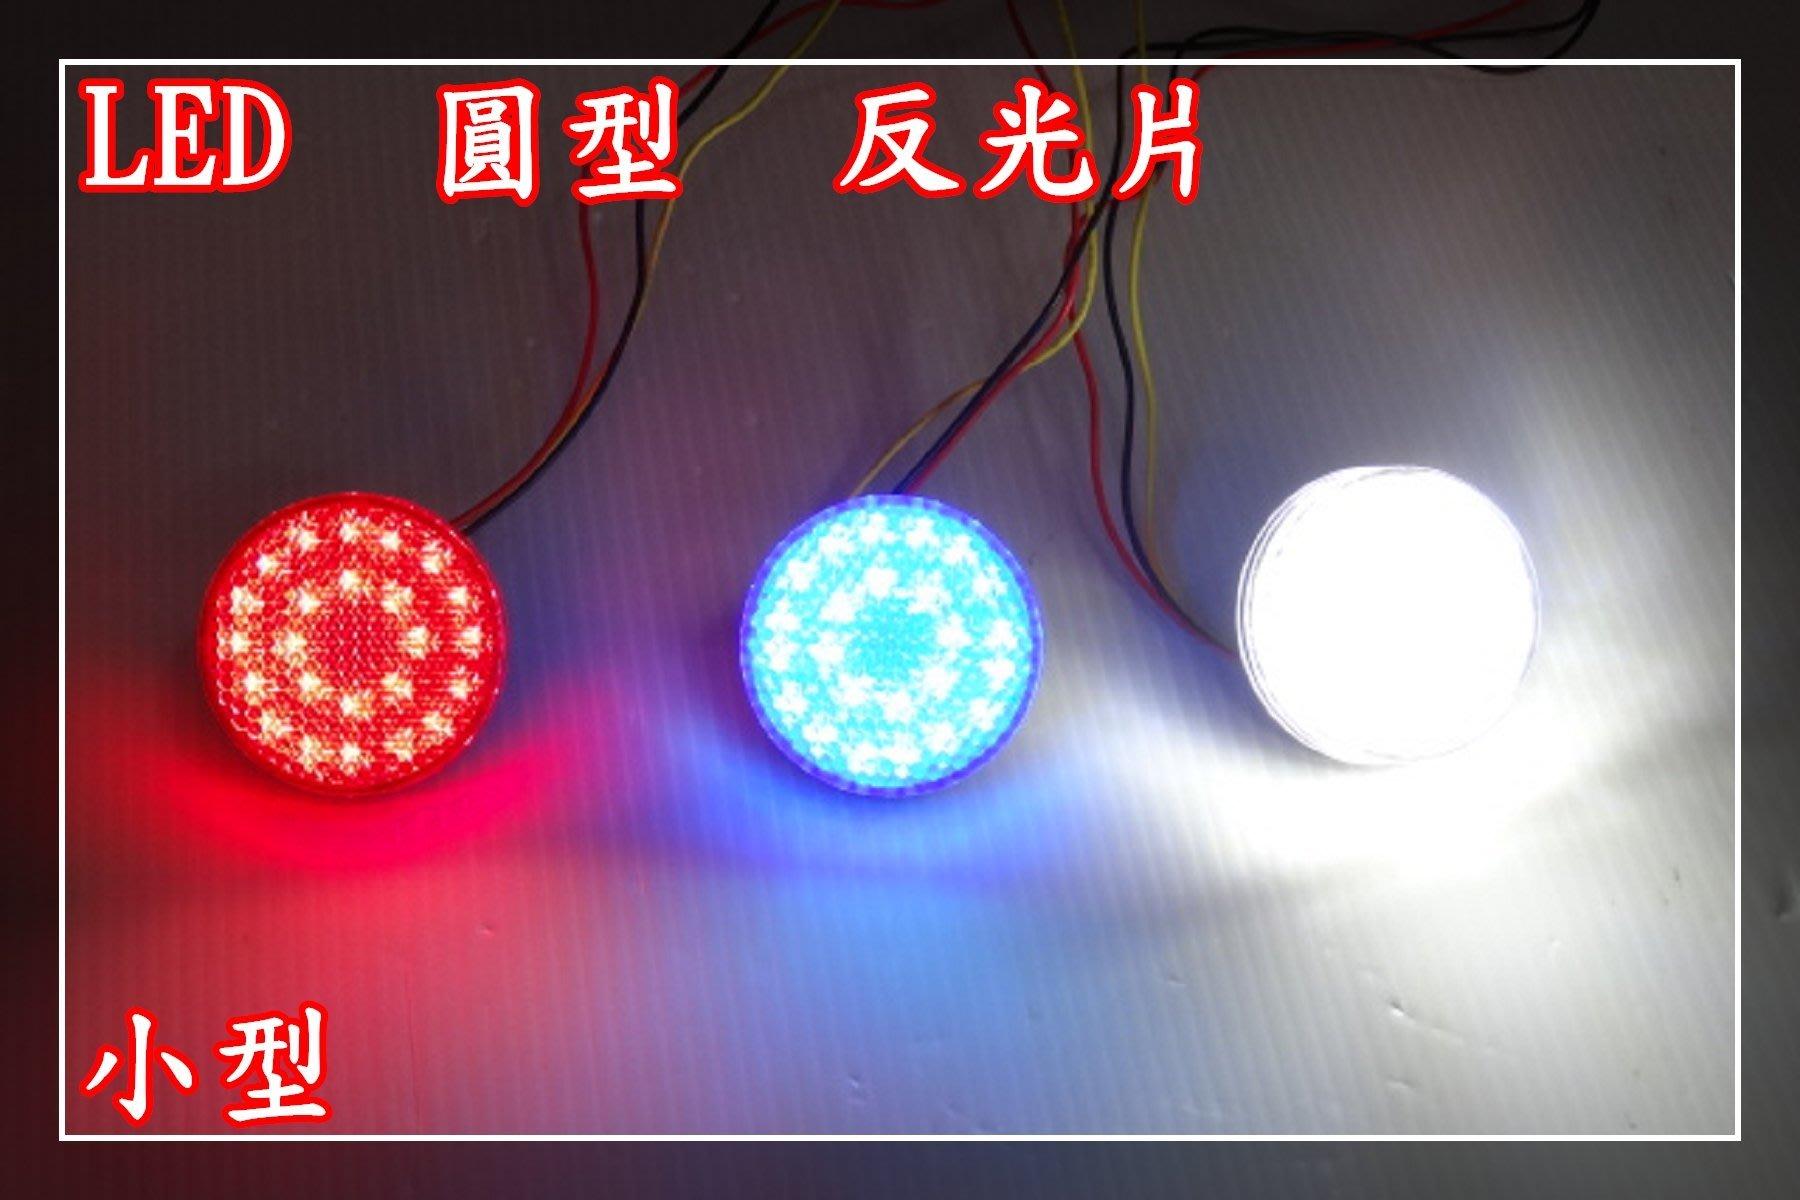 【炬霸科技】LED 反光片 圓型 小燈 方向燈 小型 小 JET Z1 IRX TINI MANY MII JETS S